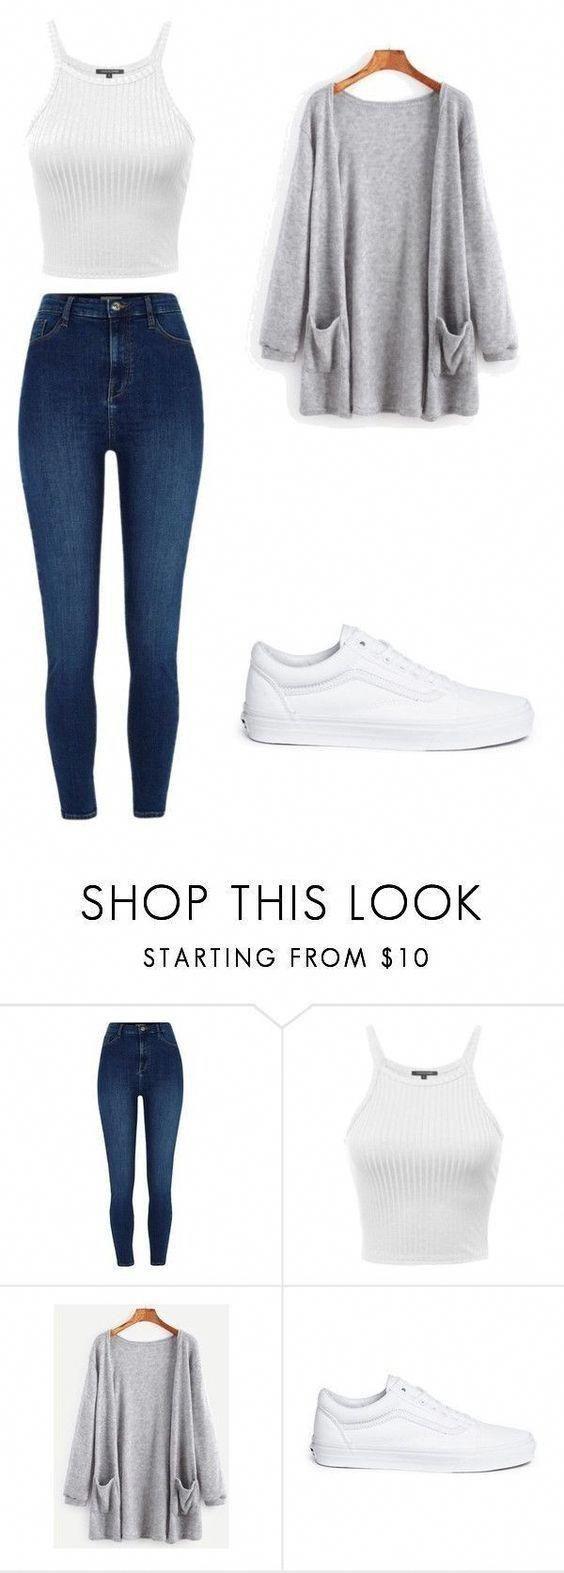 Tipps für Teenager-Outfits für Mädchen 345 #teenfashionoutfits #fashion #outfits #teenfas - Sommer Mode Ideen